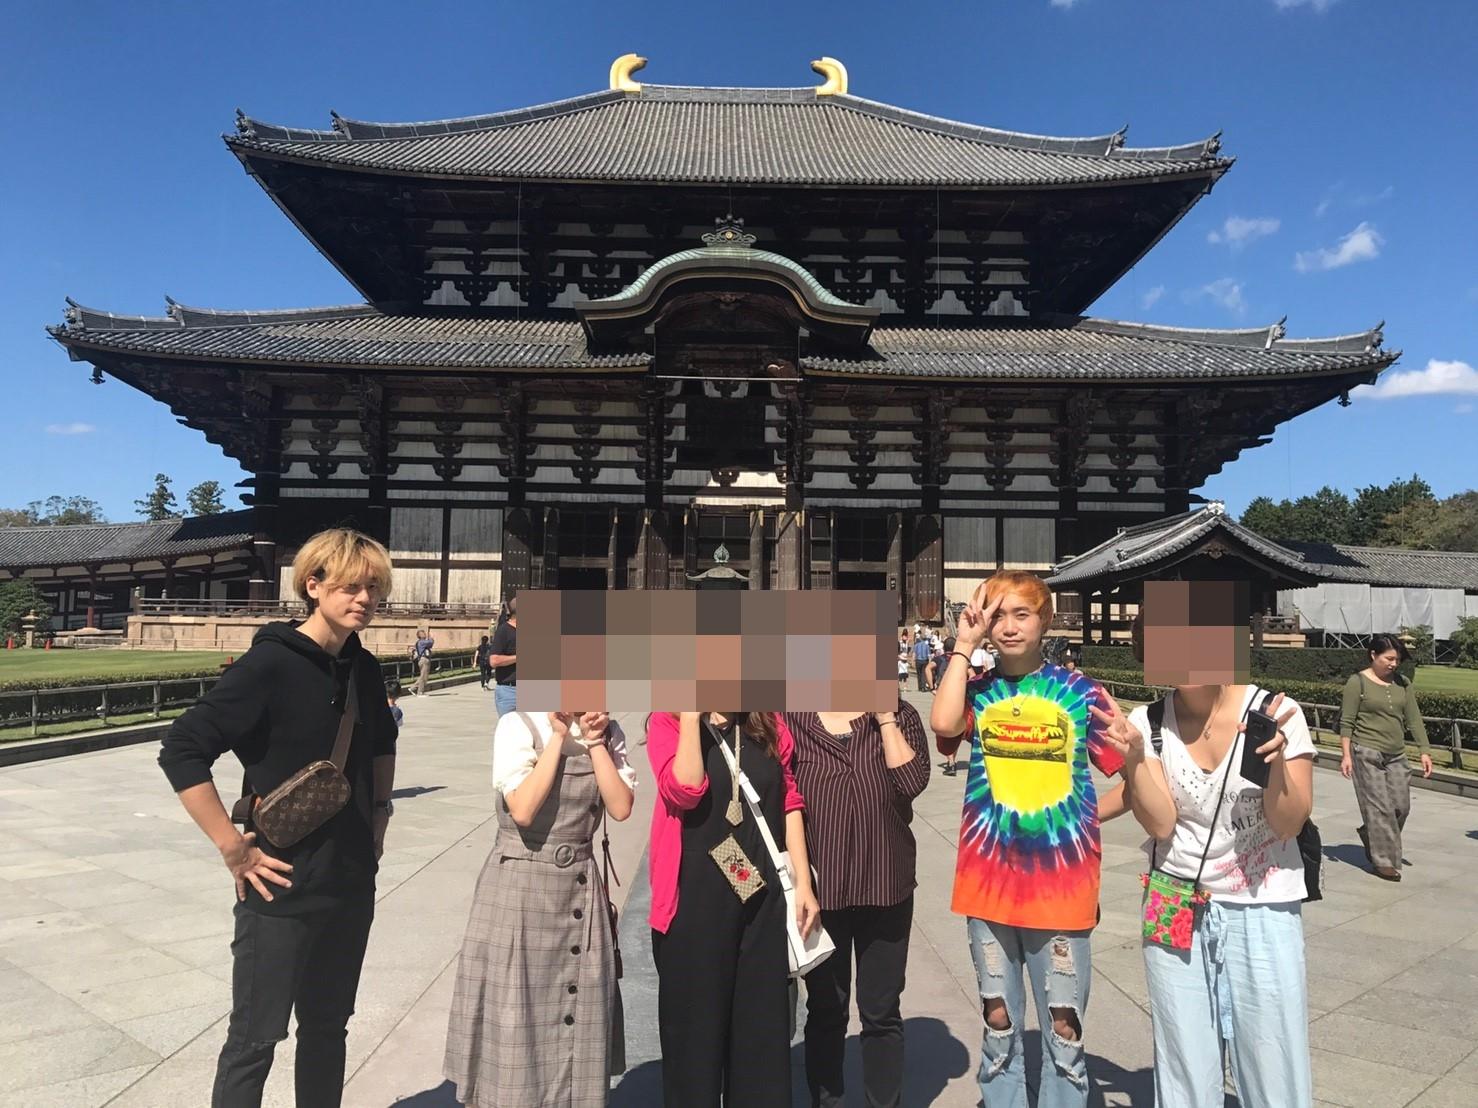 GROW ファンミーティングイベント 神戸+有馬温泉 散策☆11月25日(日)